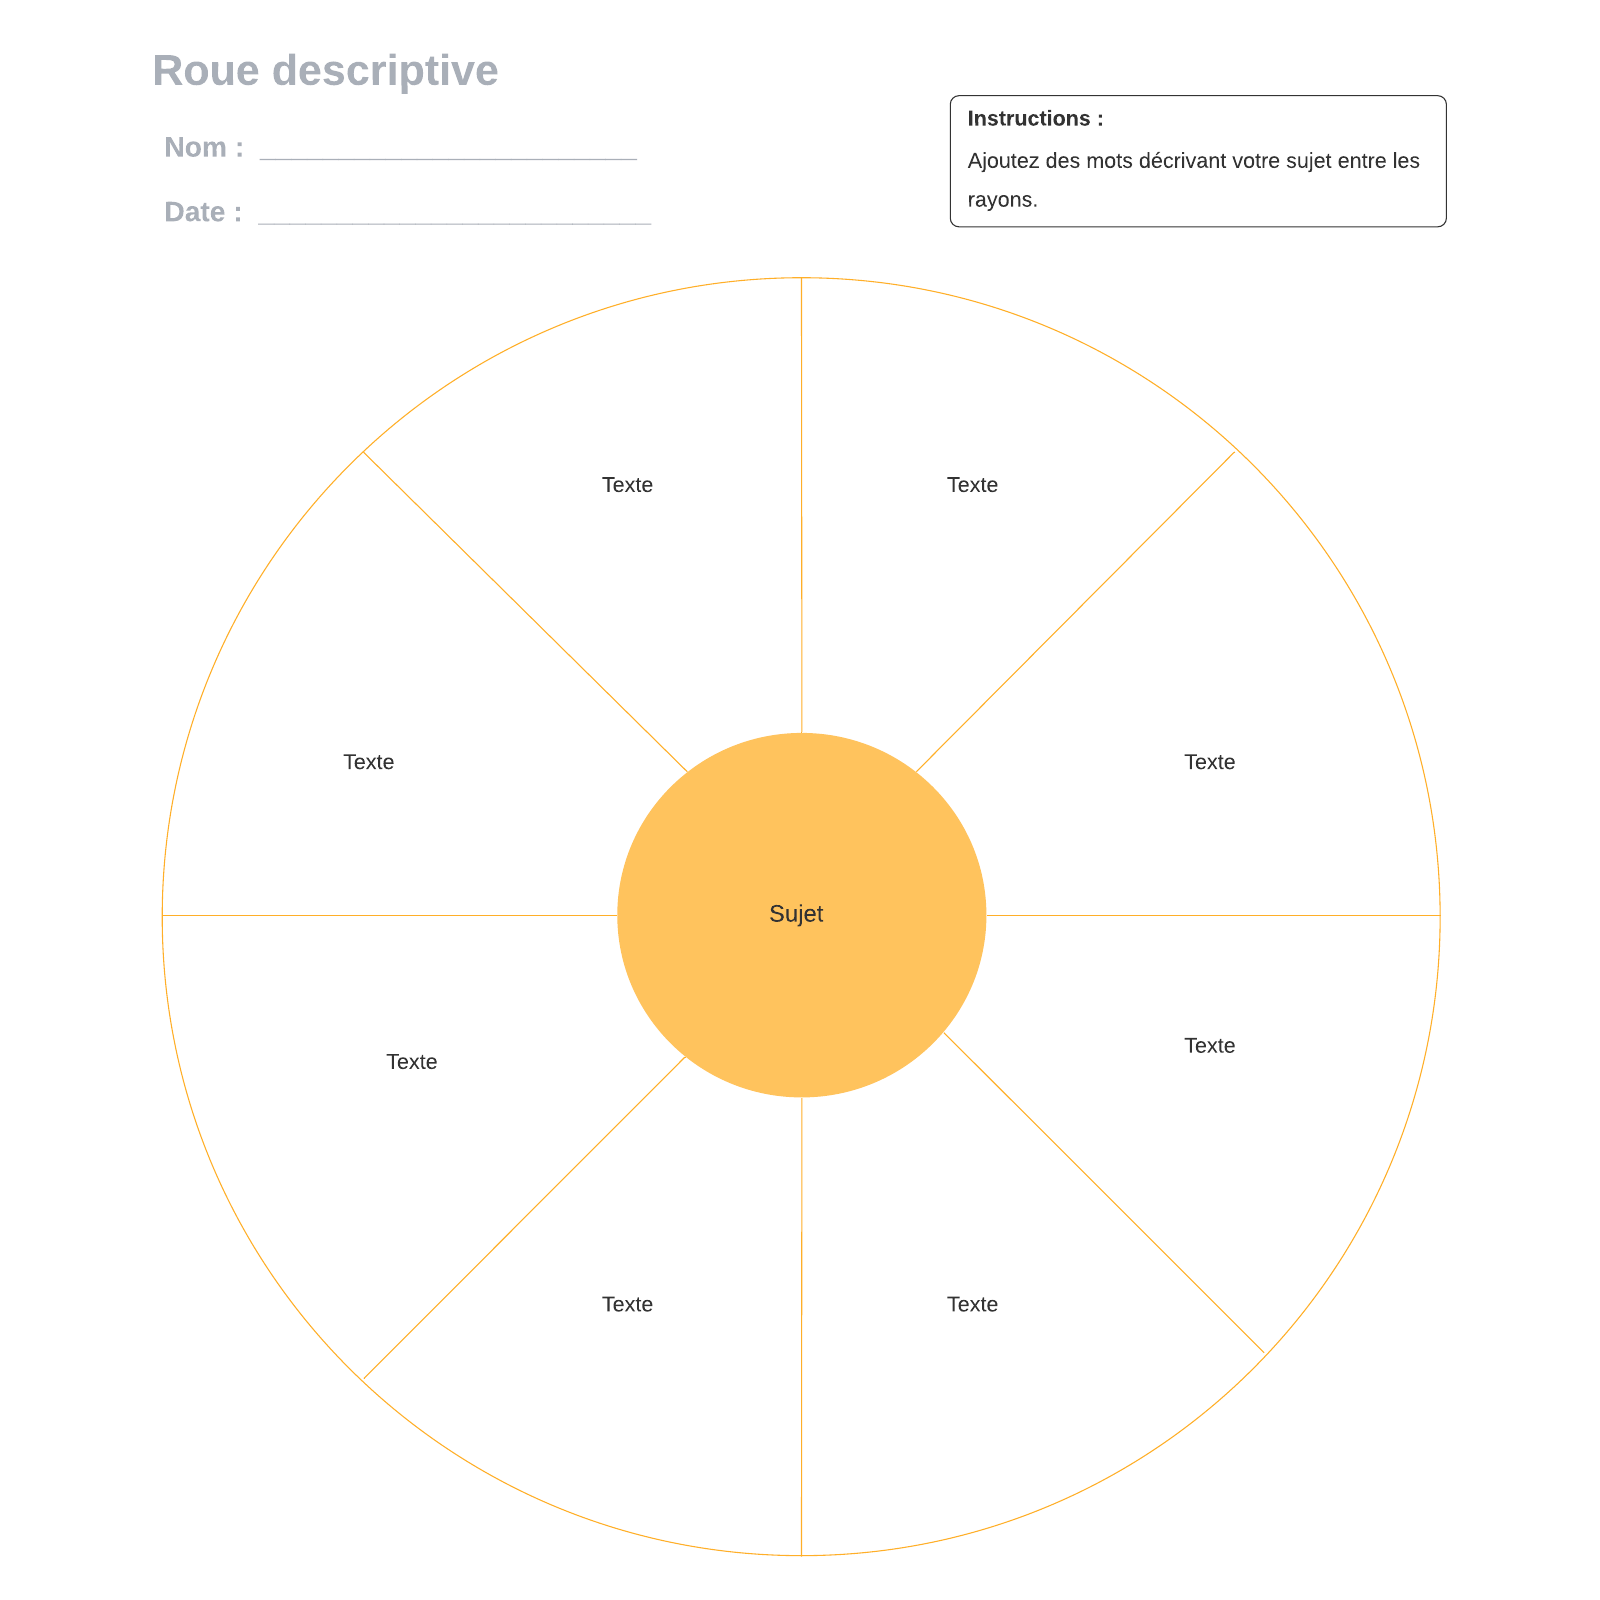 exemple de roue descriptive vierge